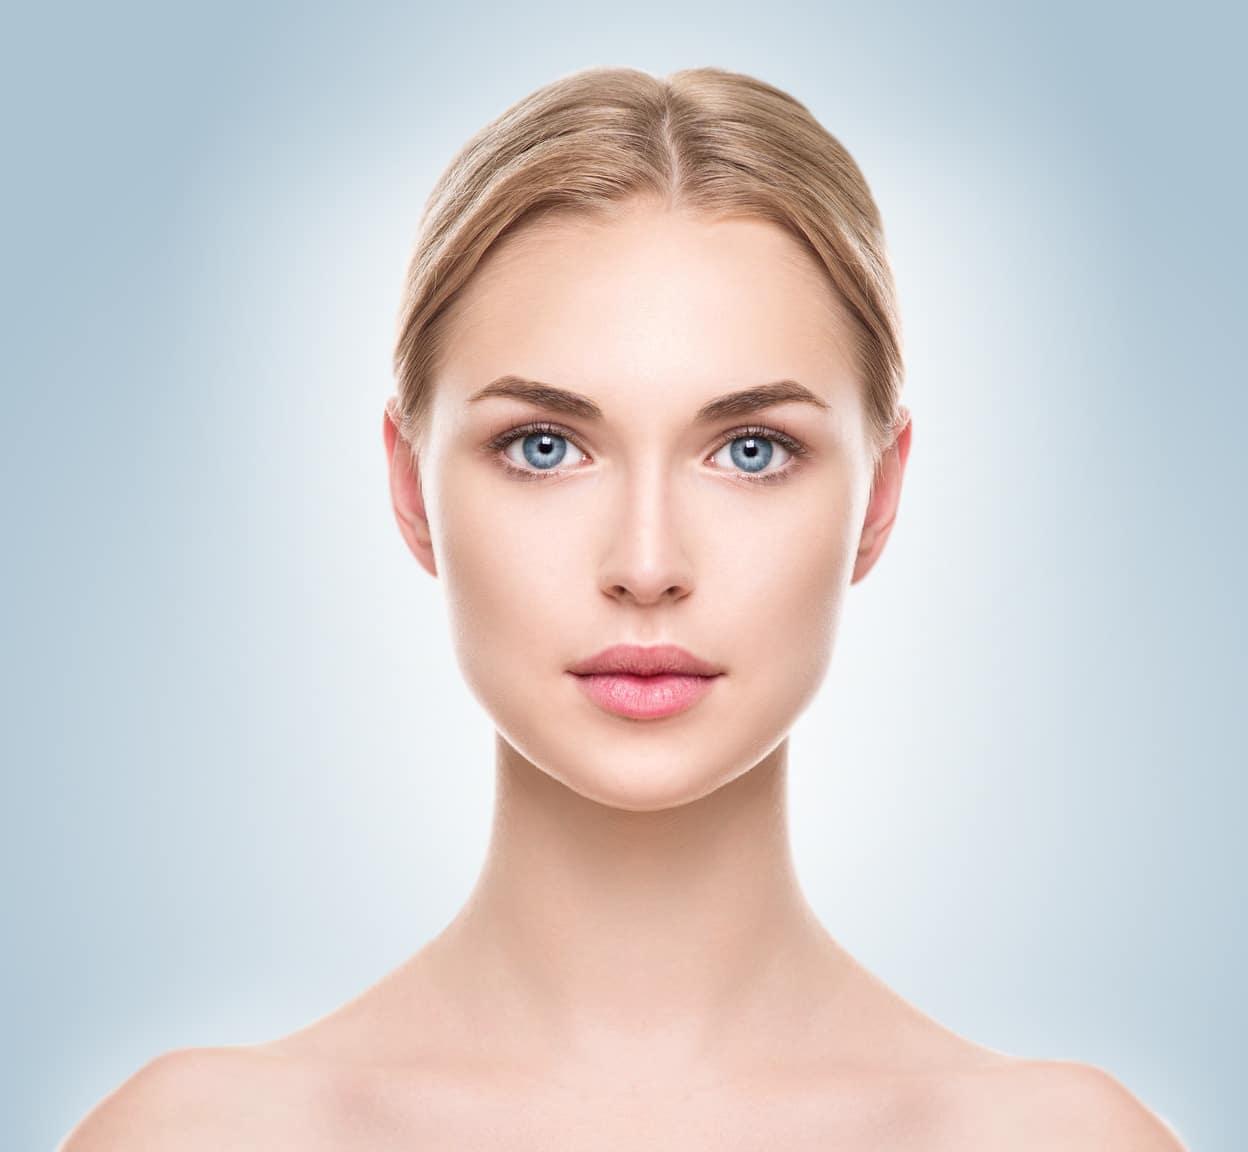 rostro de mujer joven bella sobre fondo azul medicina estetica facial graziella moraes